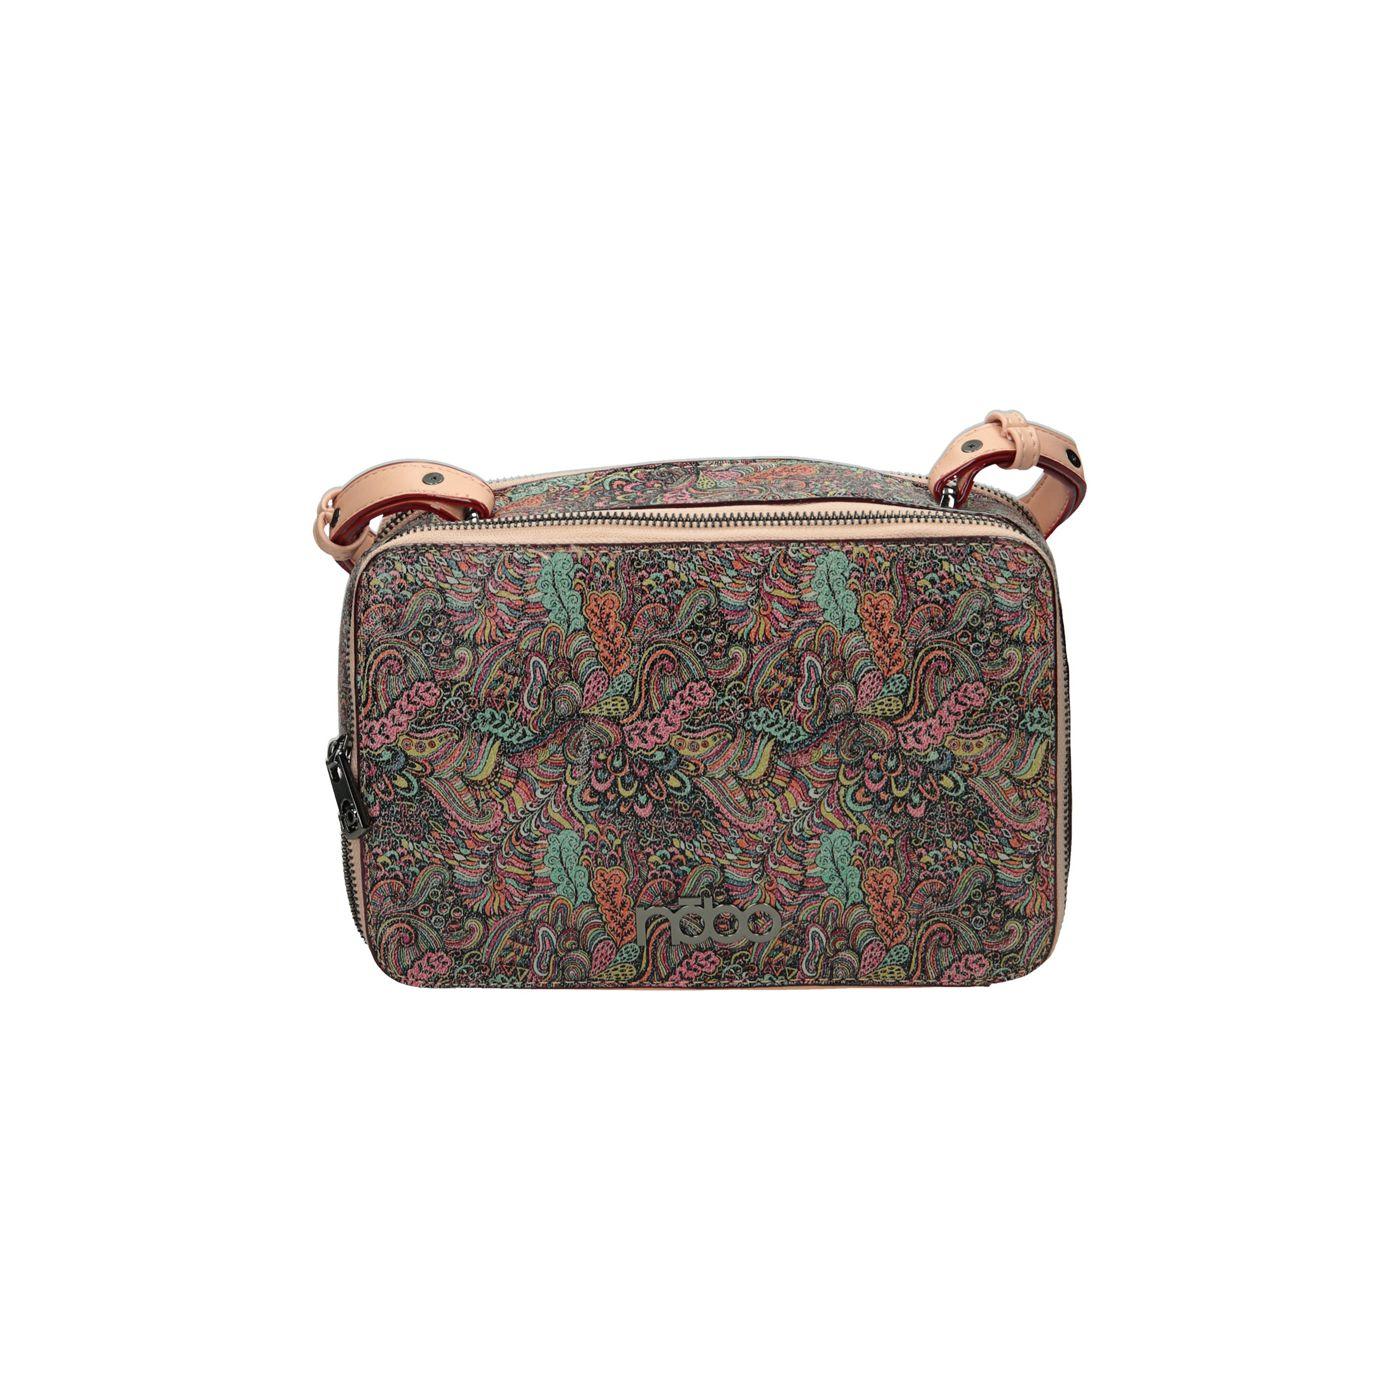 Nobo Woman's Bag Nbag-G3882-C004